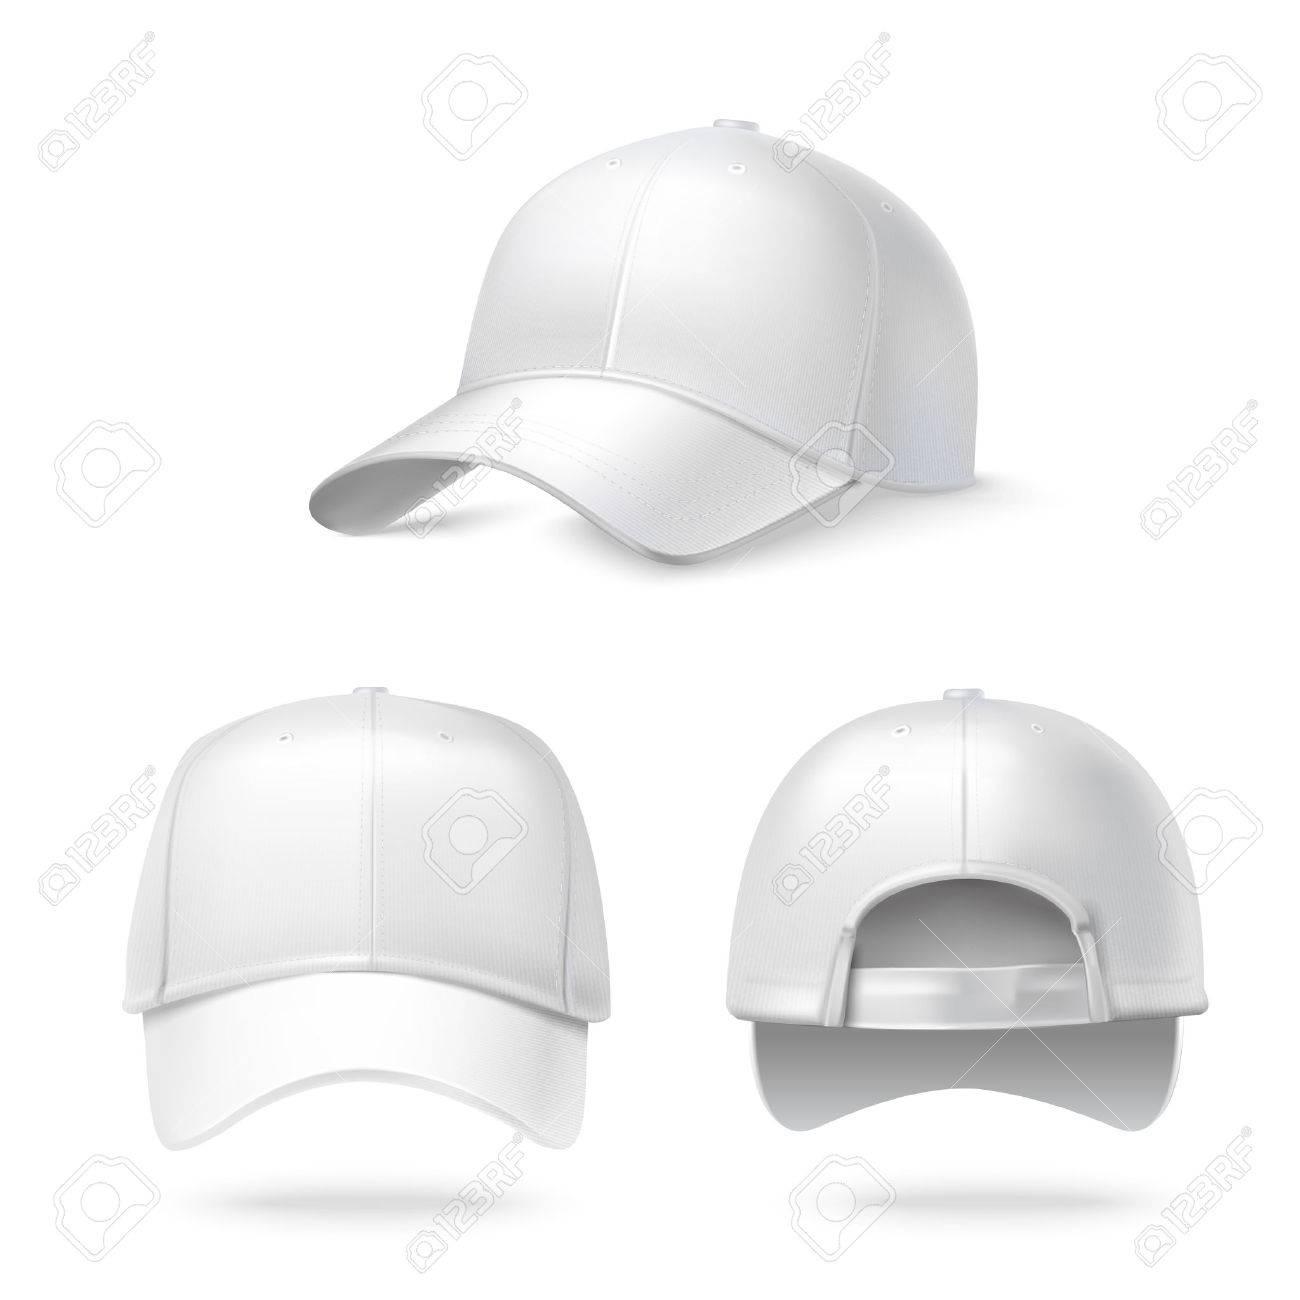 Foto de archivo - Frente espalda realista y vista lateral gorra de béisbol  blanca aislada en el fondo blanco ilustración 0048a90caef